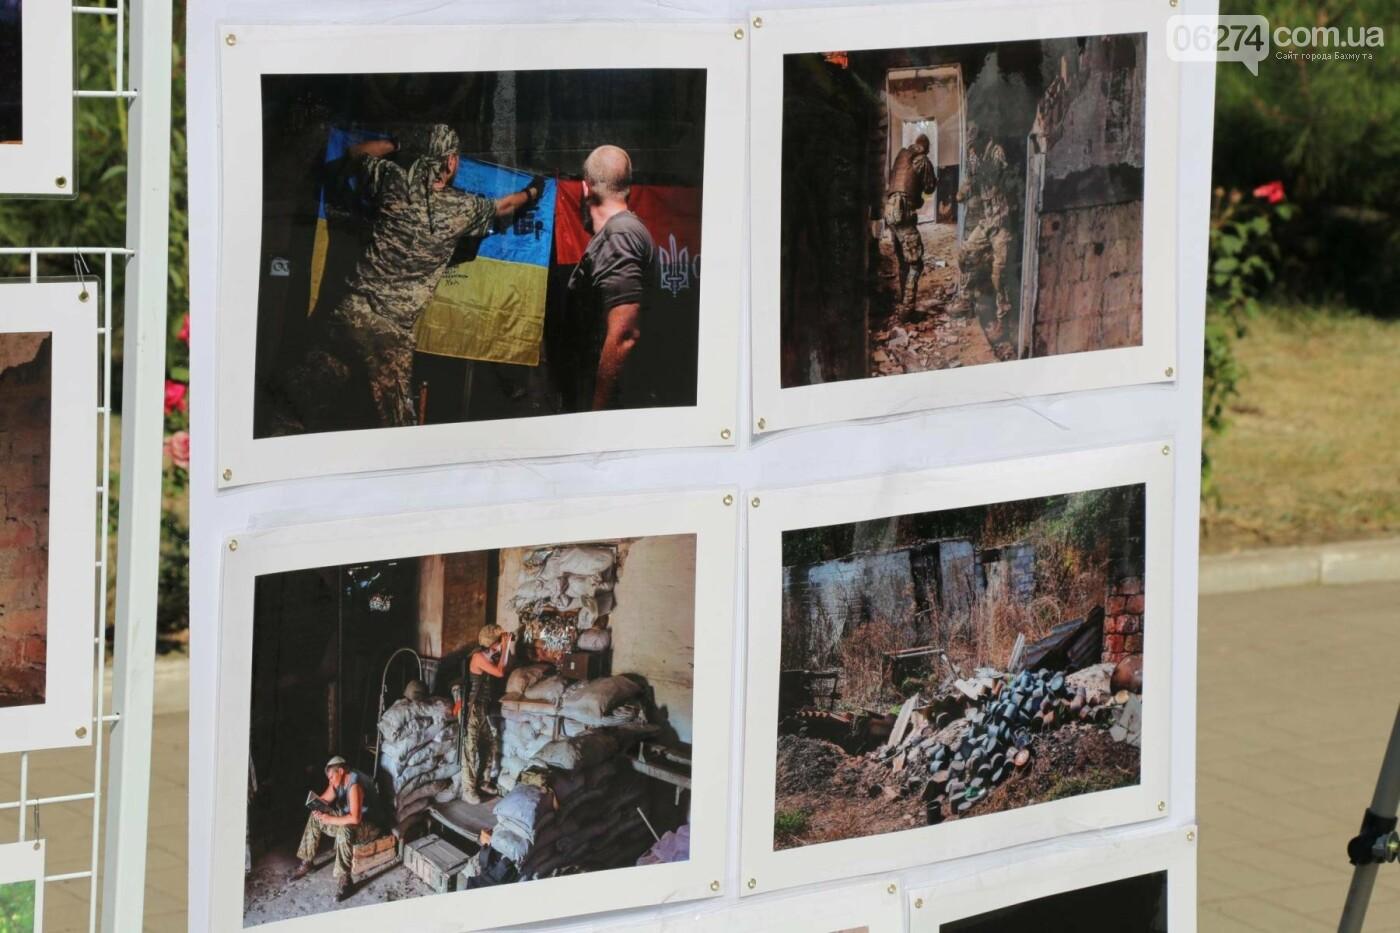 В Бахмуте почтили память жертв Иловайской трагедии, фото-2